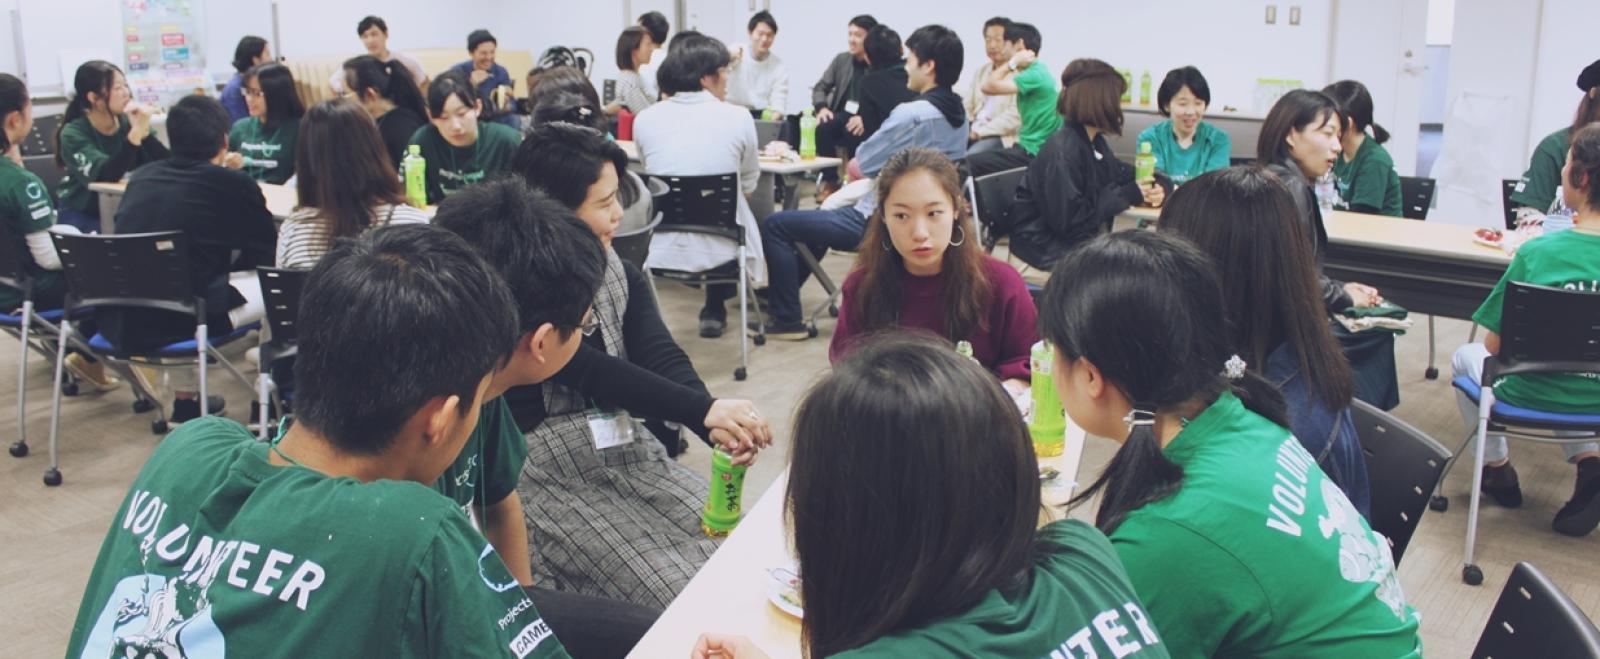 プロジェクトアブロード体験者の交流会